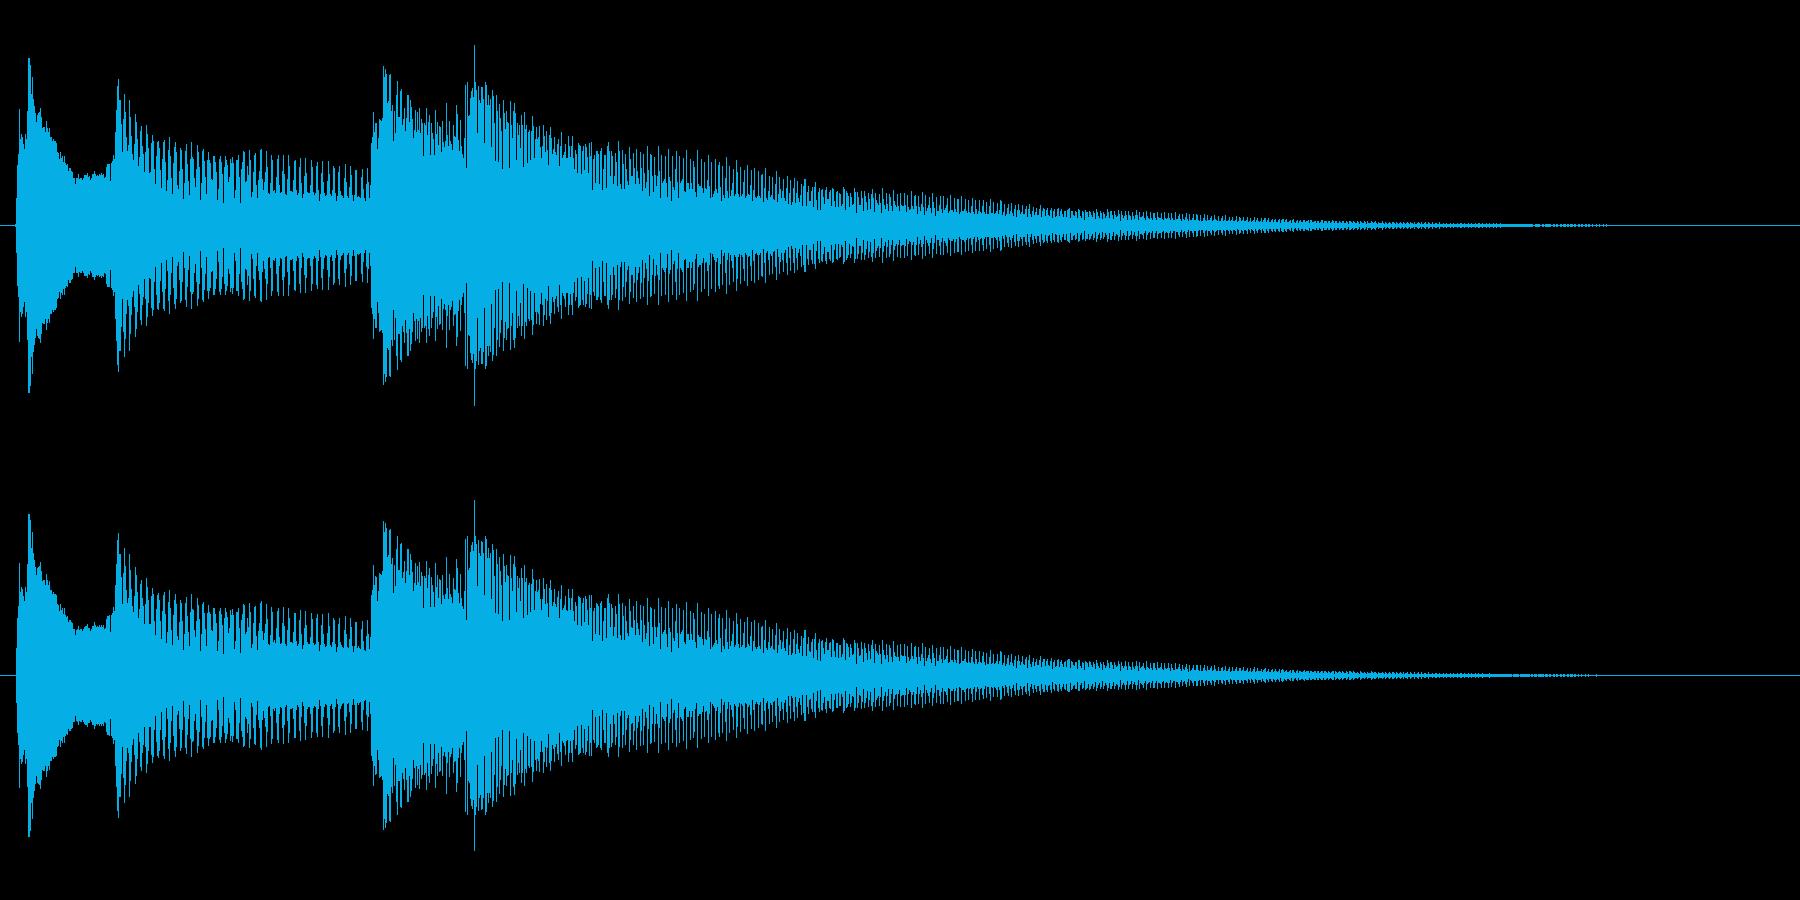 ピコーンピコーン(明るいお知らせ音)の再生済みの波形